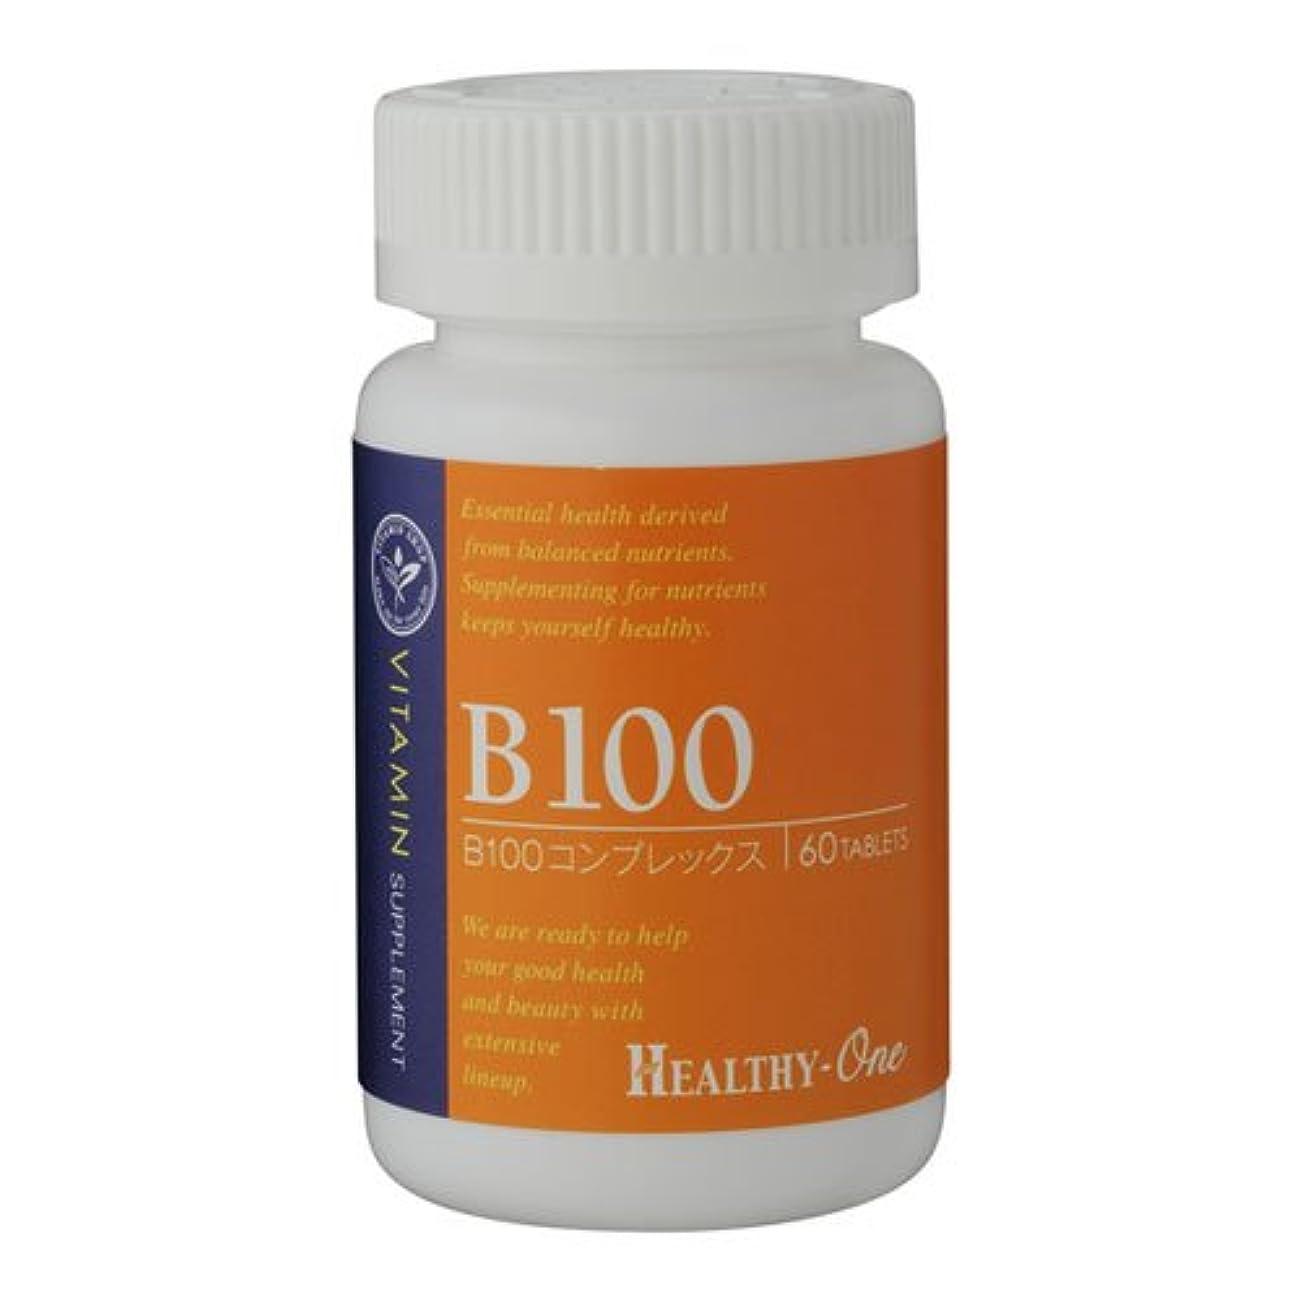 望ましいカカドゥ書き込みヘルシーワン ビタミンB100 60粒 60日分